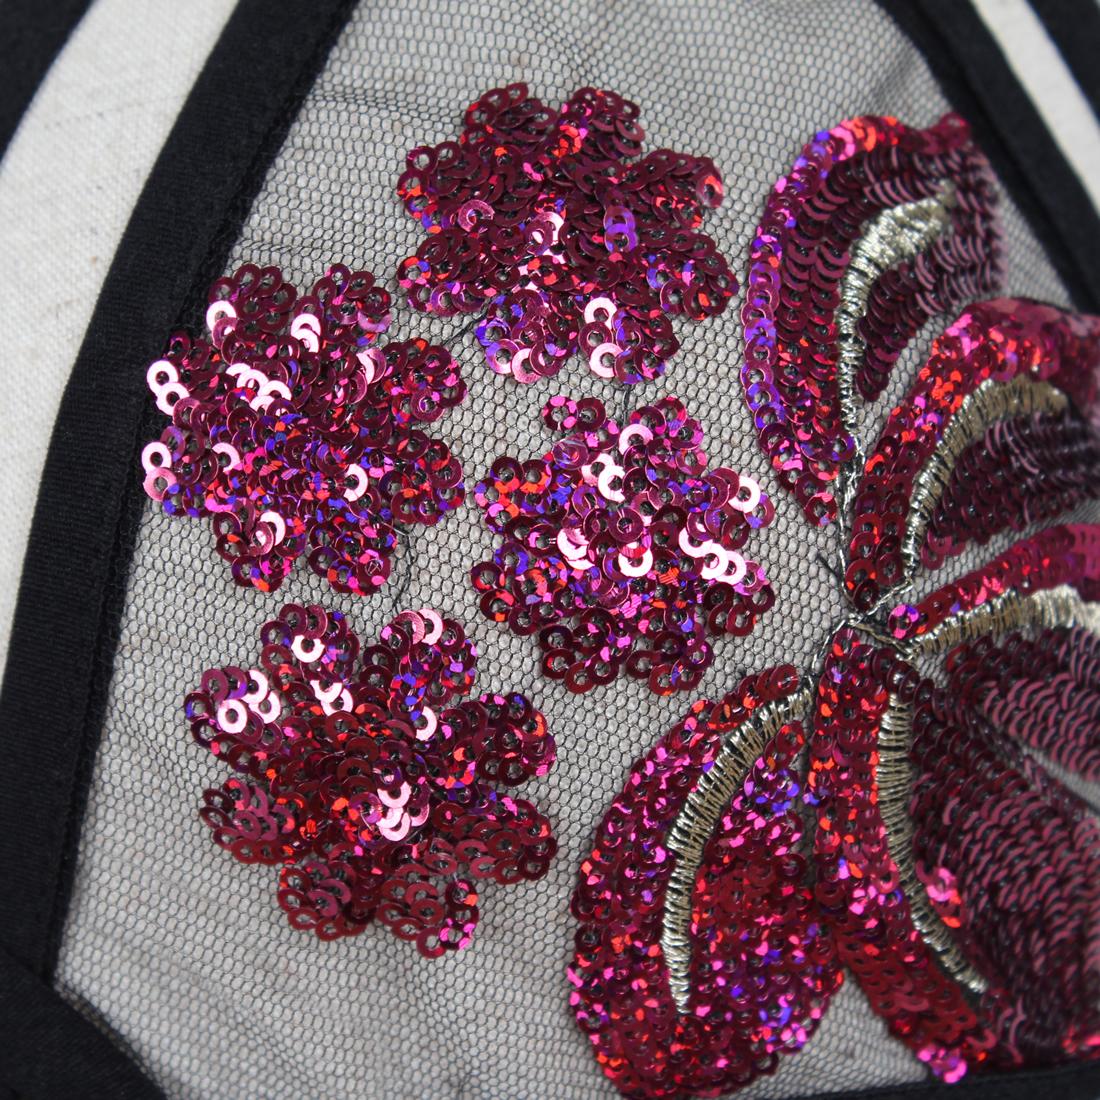 b6c32036da997 Acrylic   Spandex Bralette see through look floral fuchsi - YYW